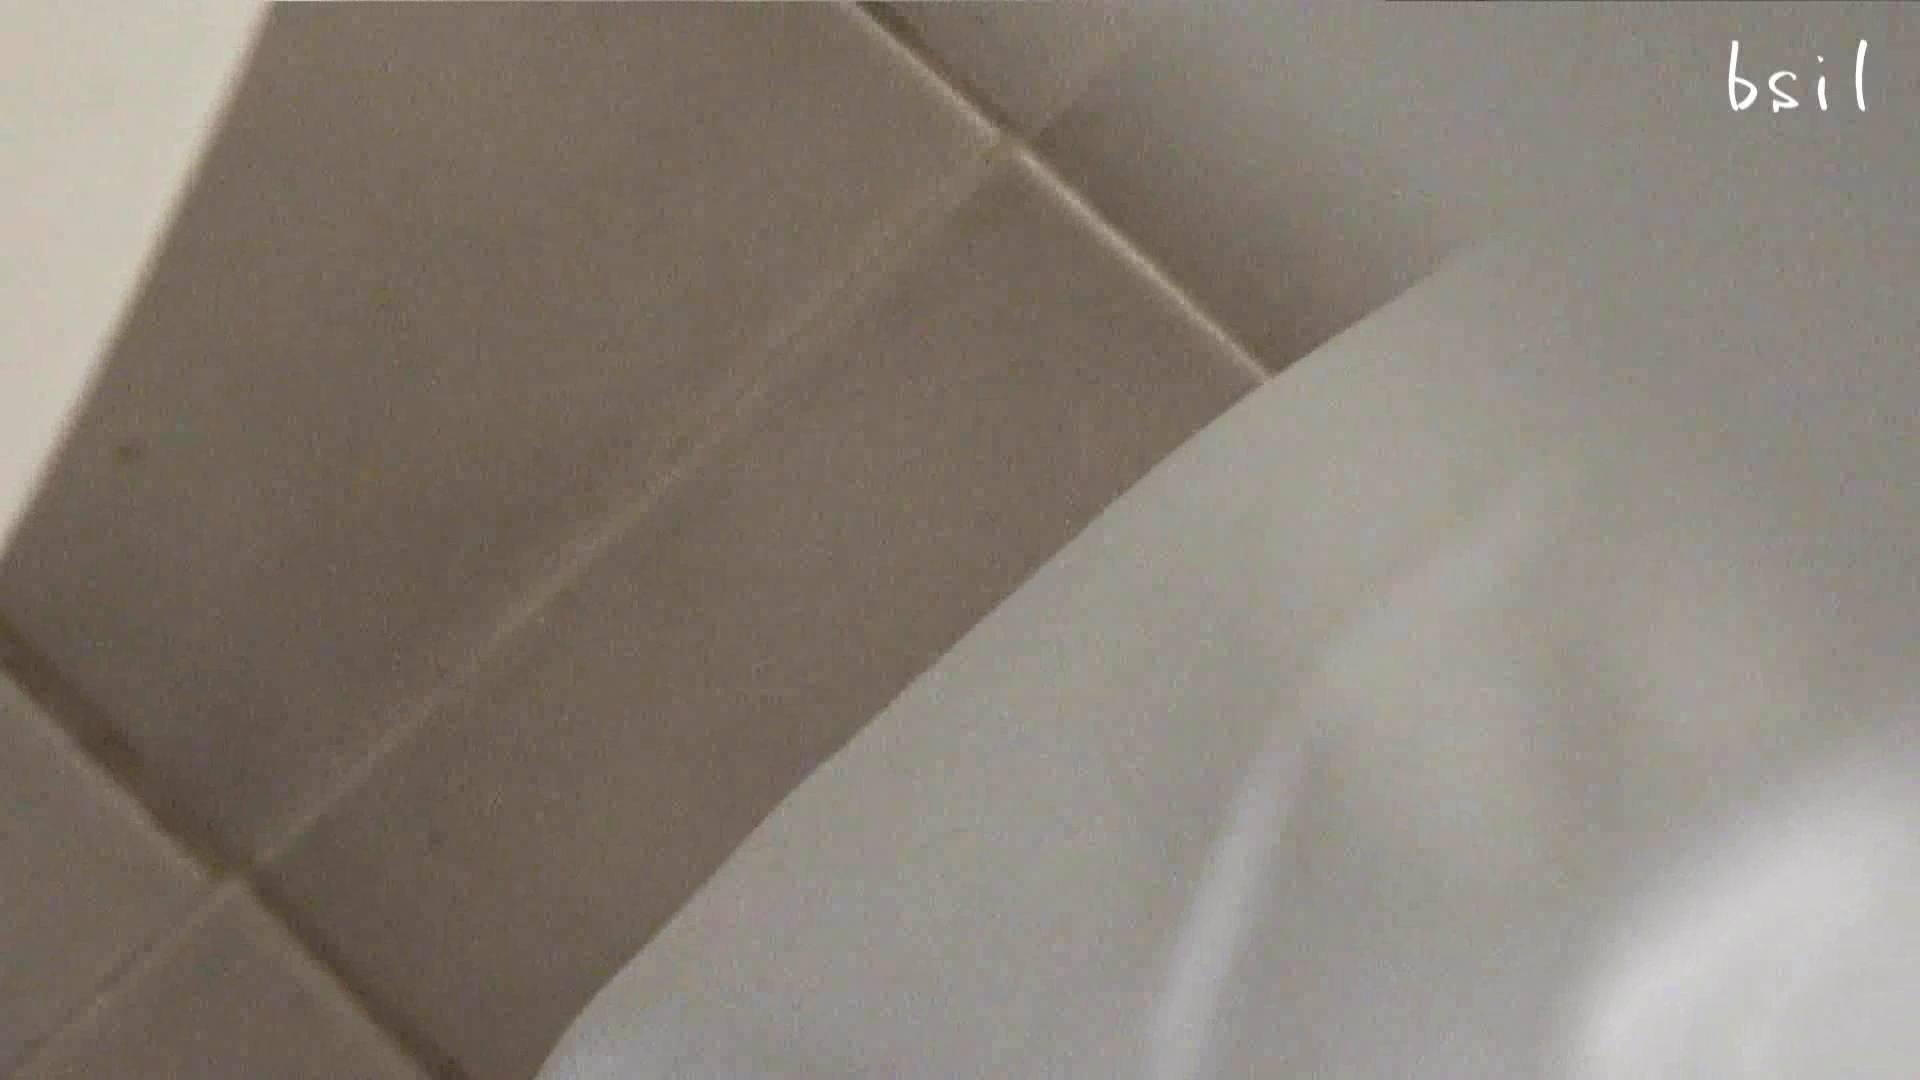 ナースのお小水 vol.001 ナース | OLセックス  55画像 34